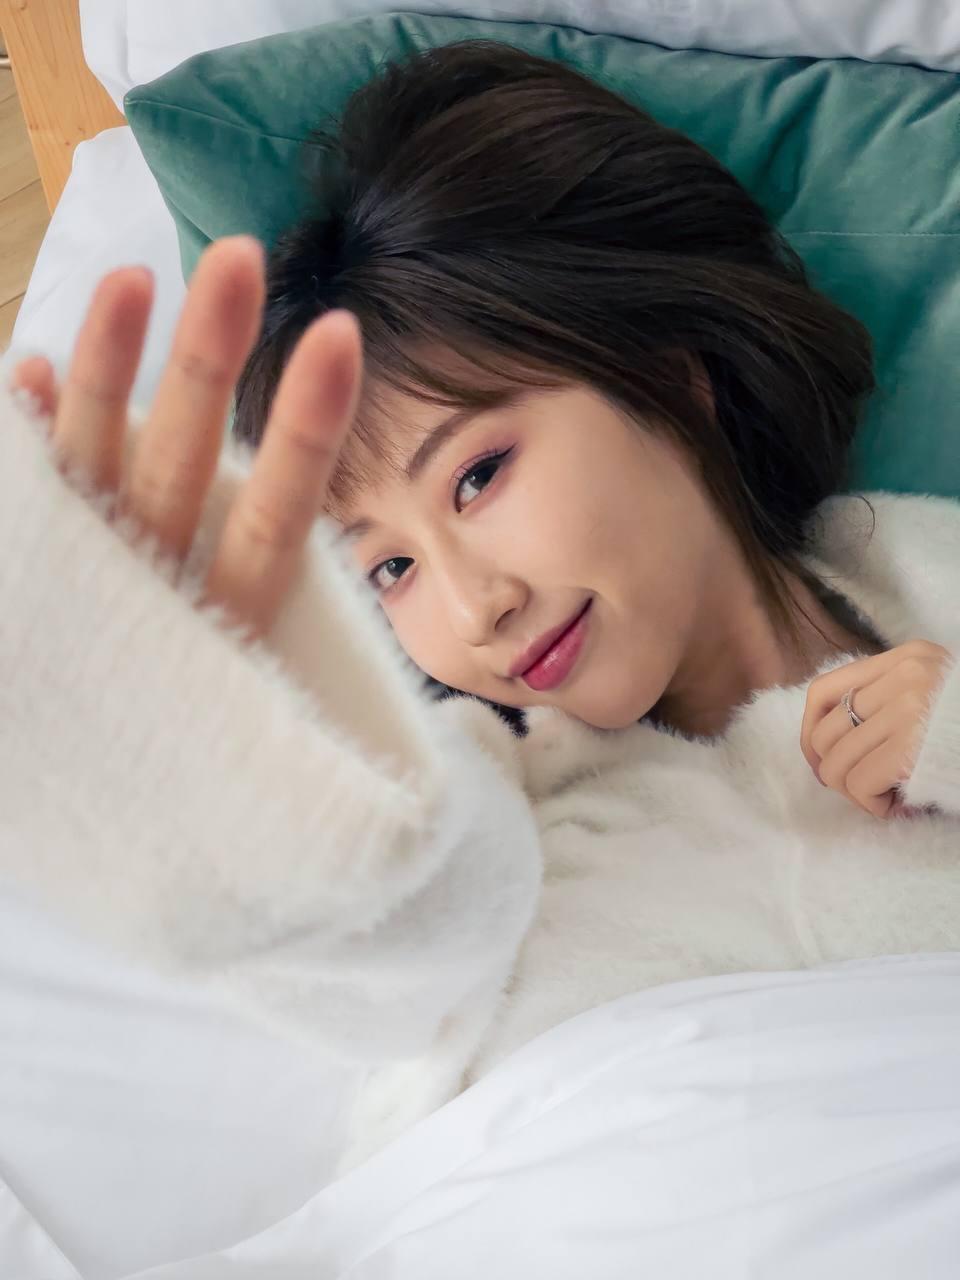 佳人如梦第二十二期 网络美女 第15张